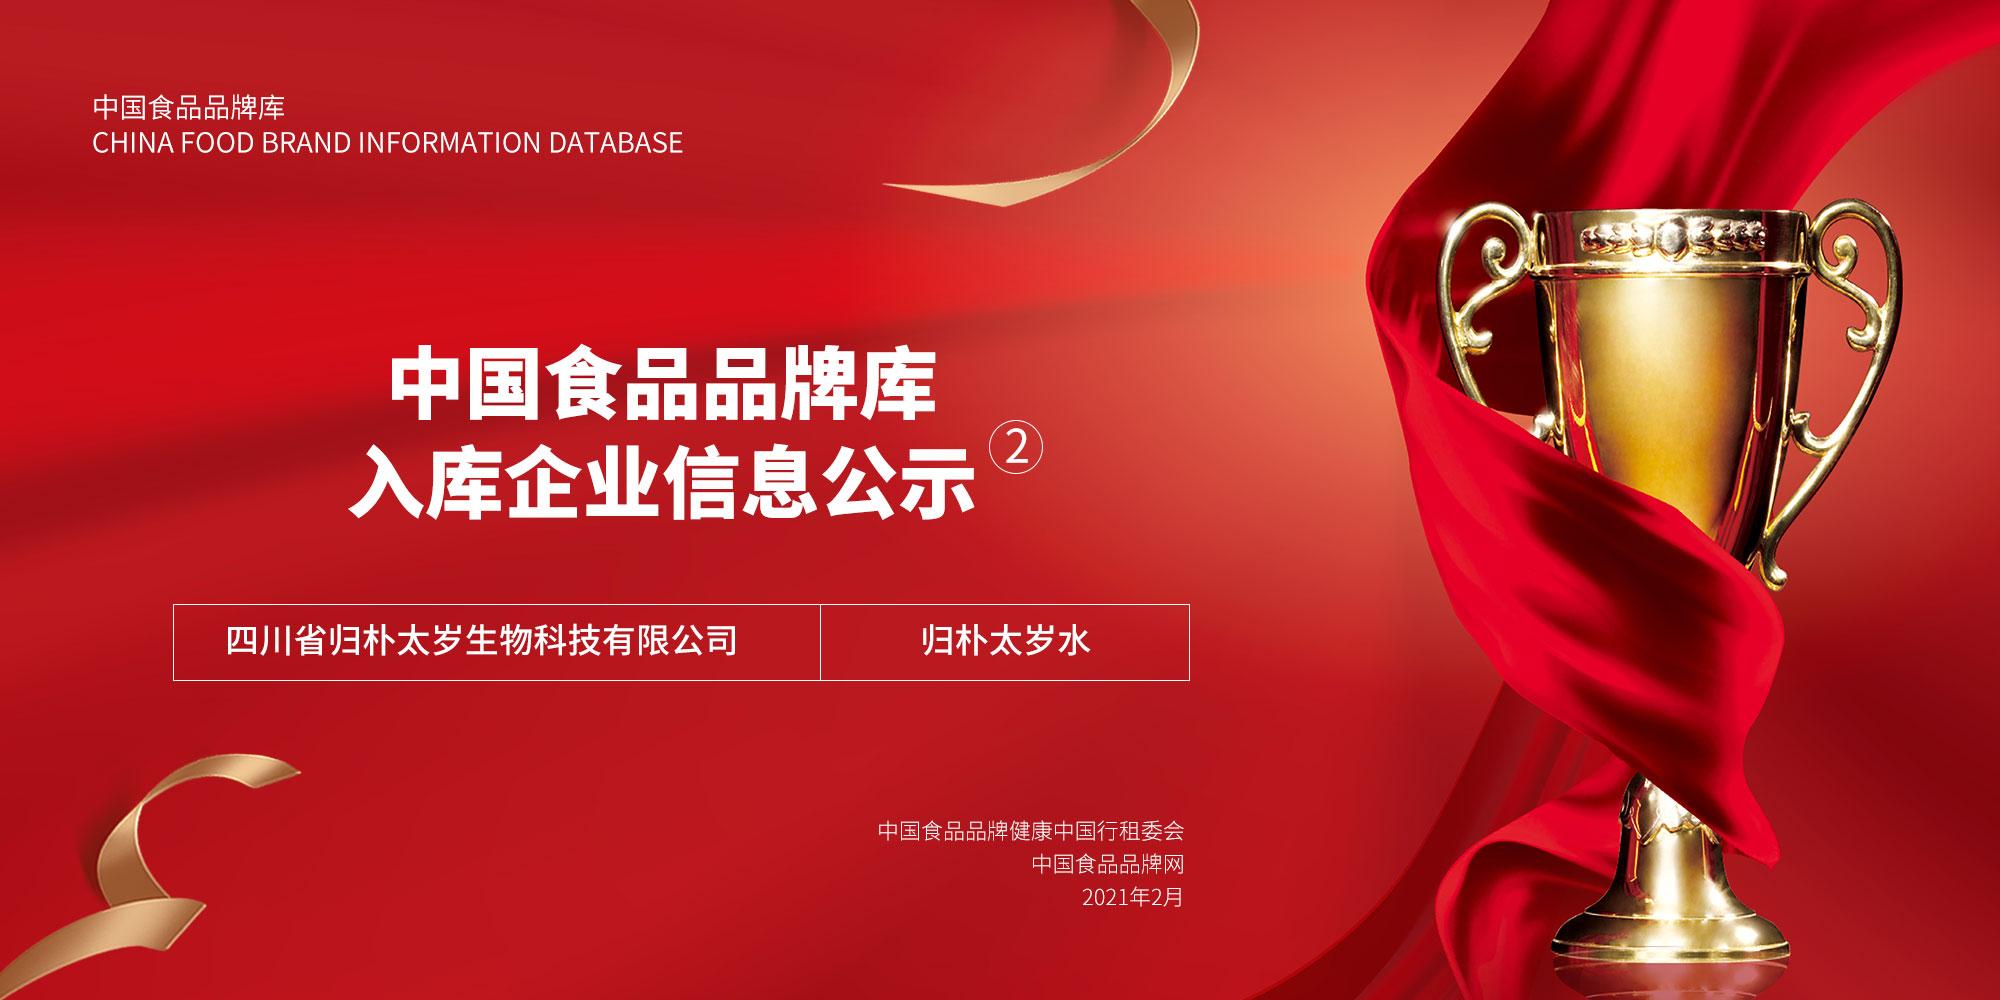 归朴太岁水入选中国食品品牌库,太岁肉灵芝2.0时代到!